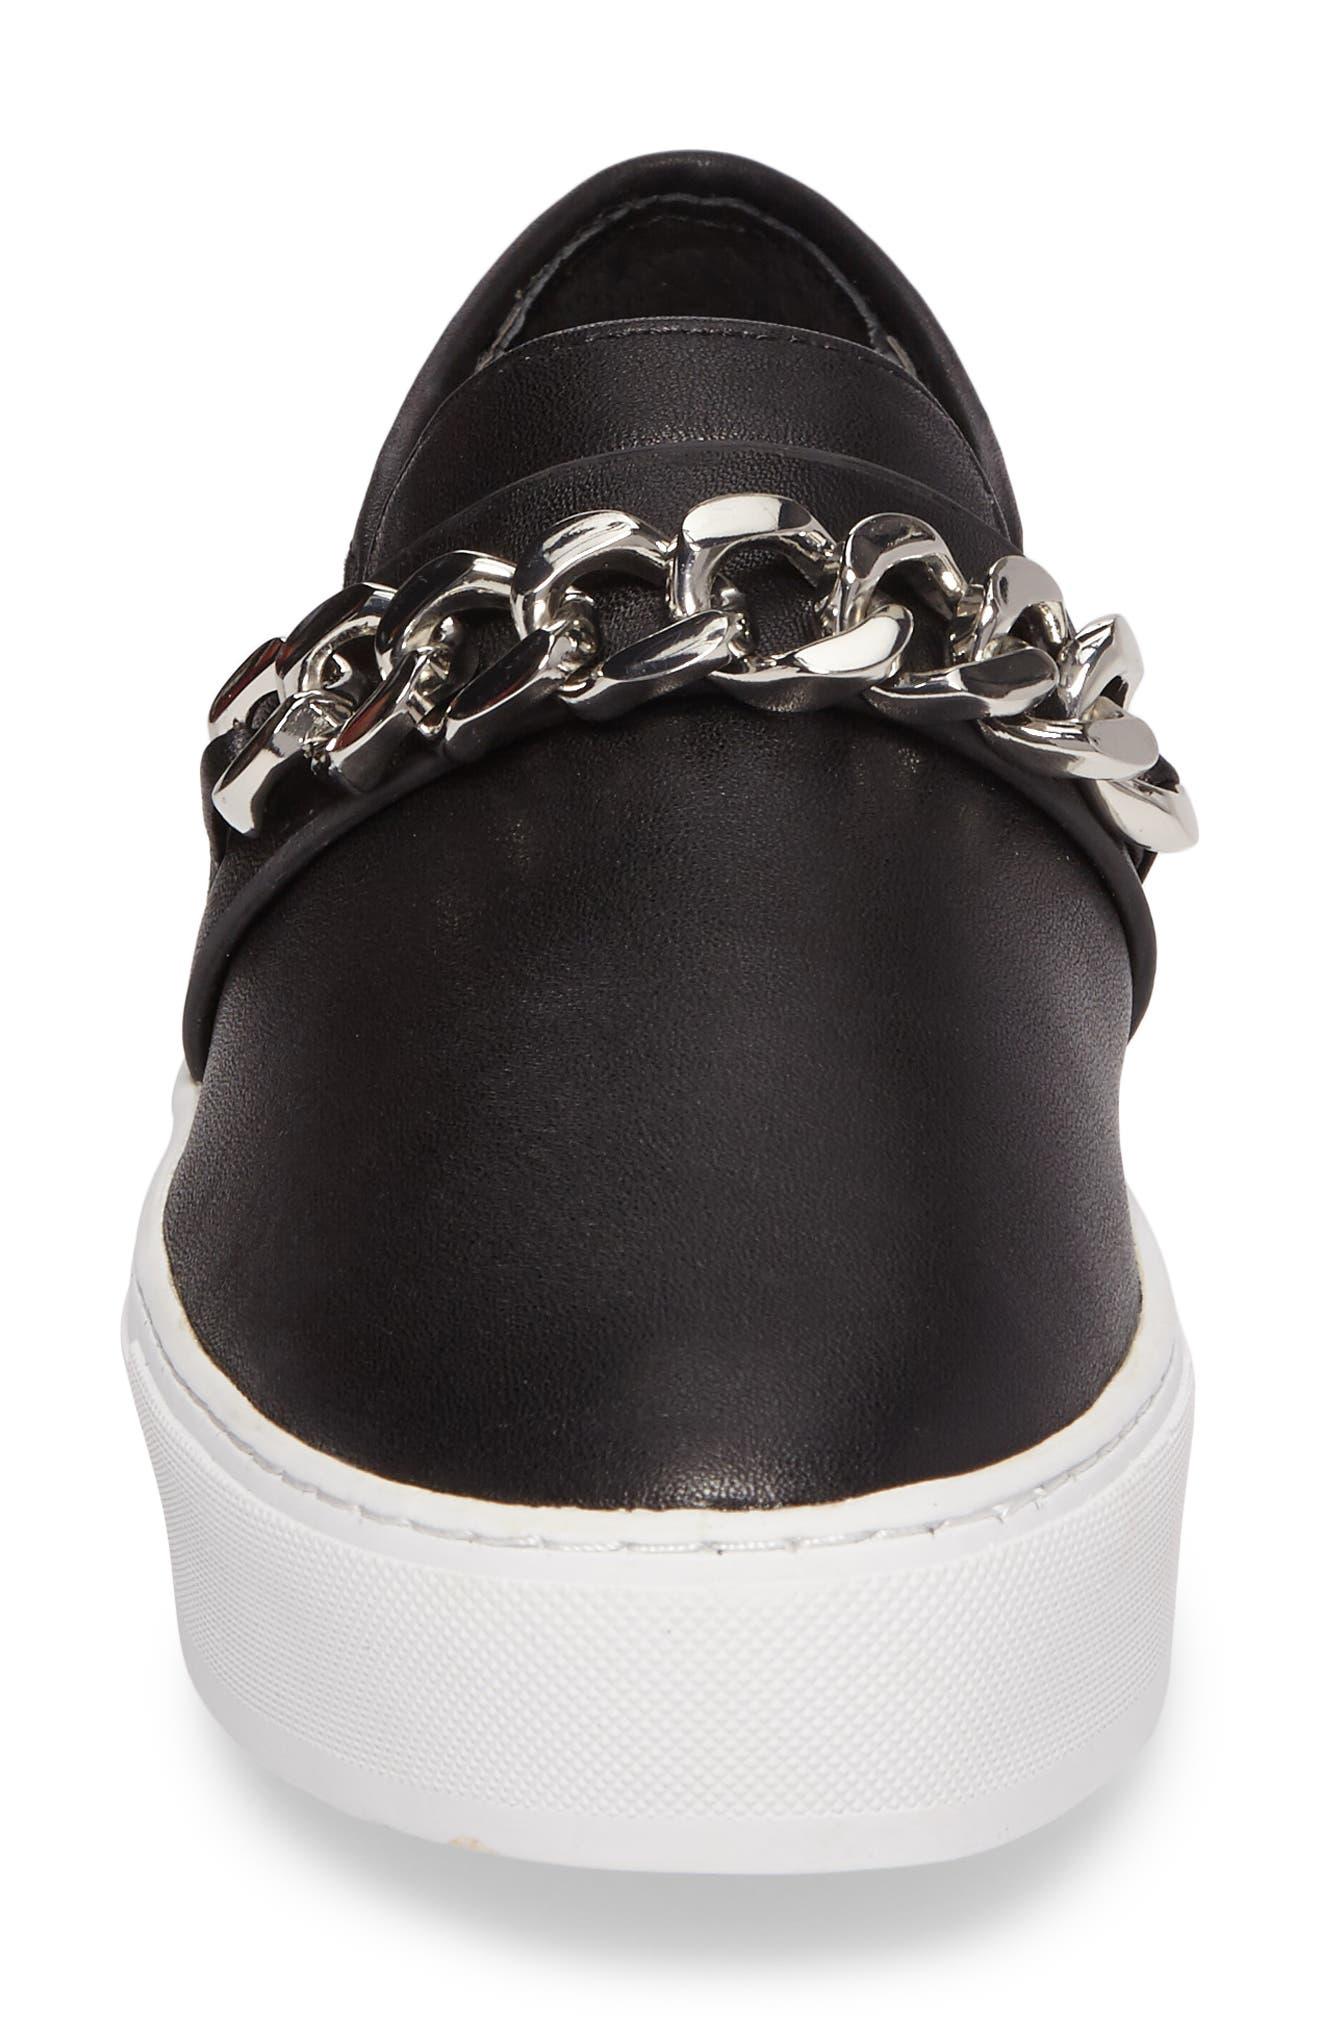 Nala Slip-On Sneaker,                             Alternate thumbnail 4, color,                             Black Leather